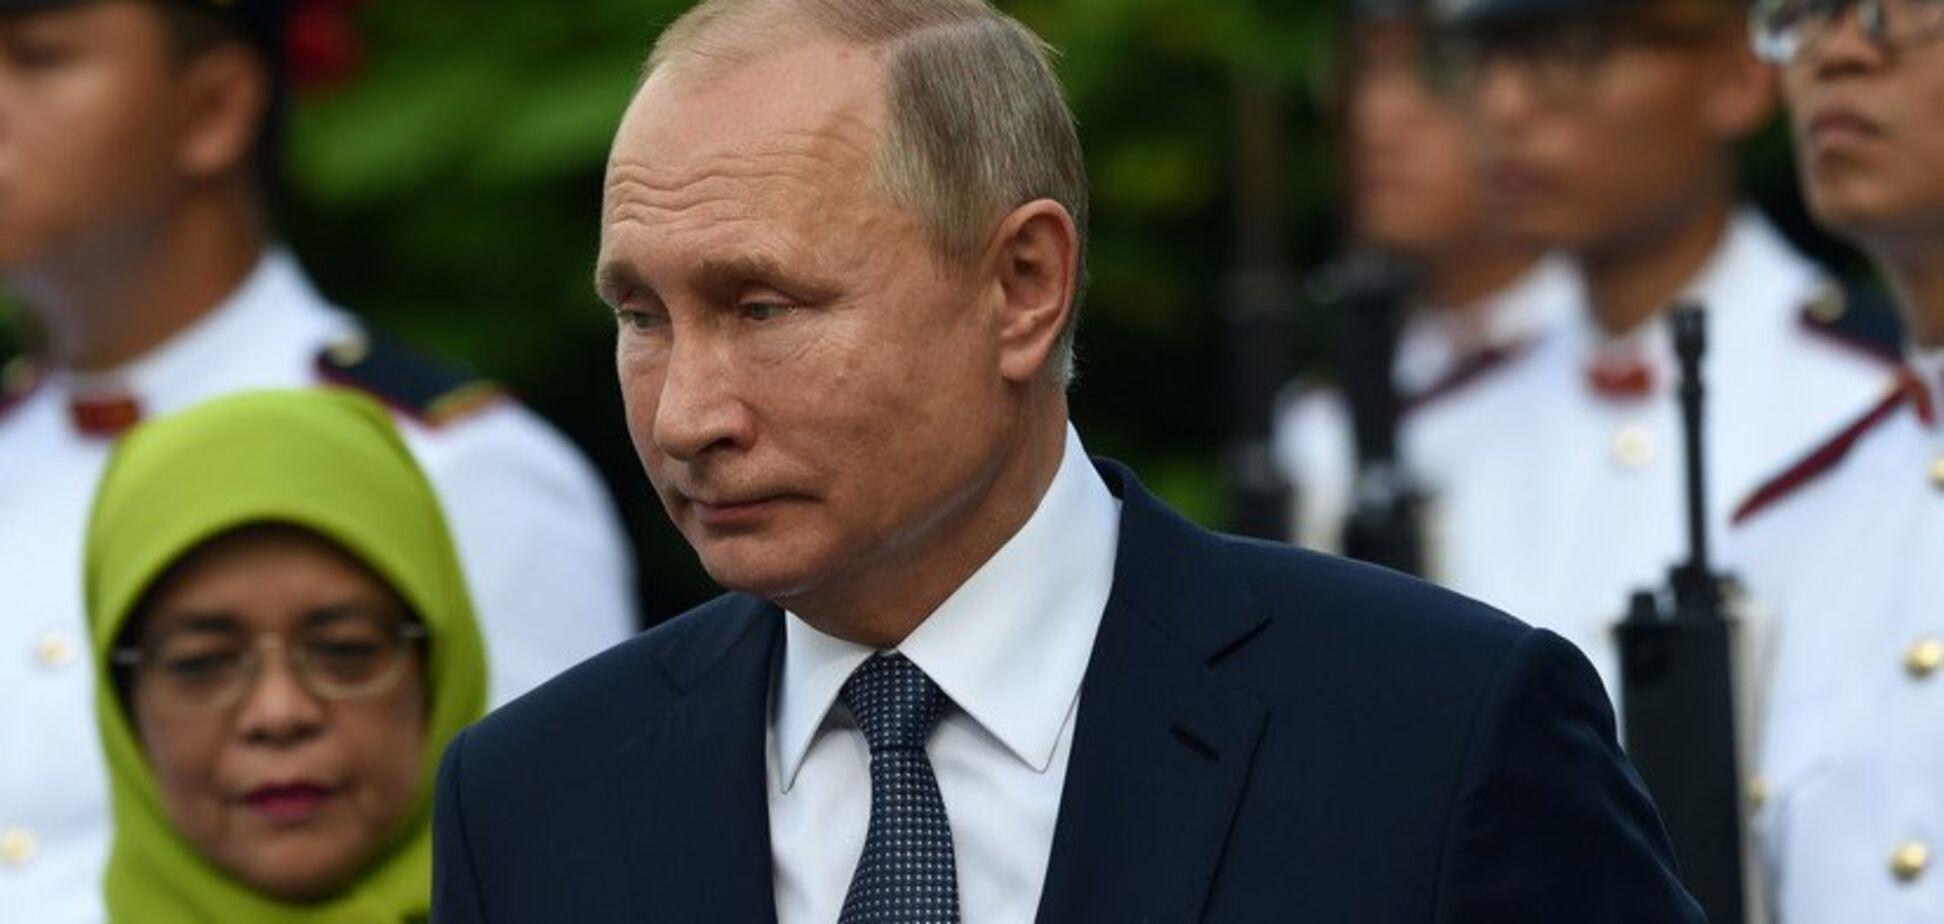 ''А царь-то голый'': сущность Путина показали в едкой карикатуре